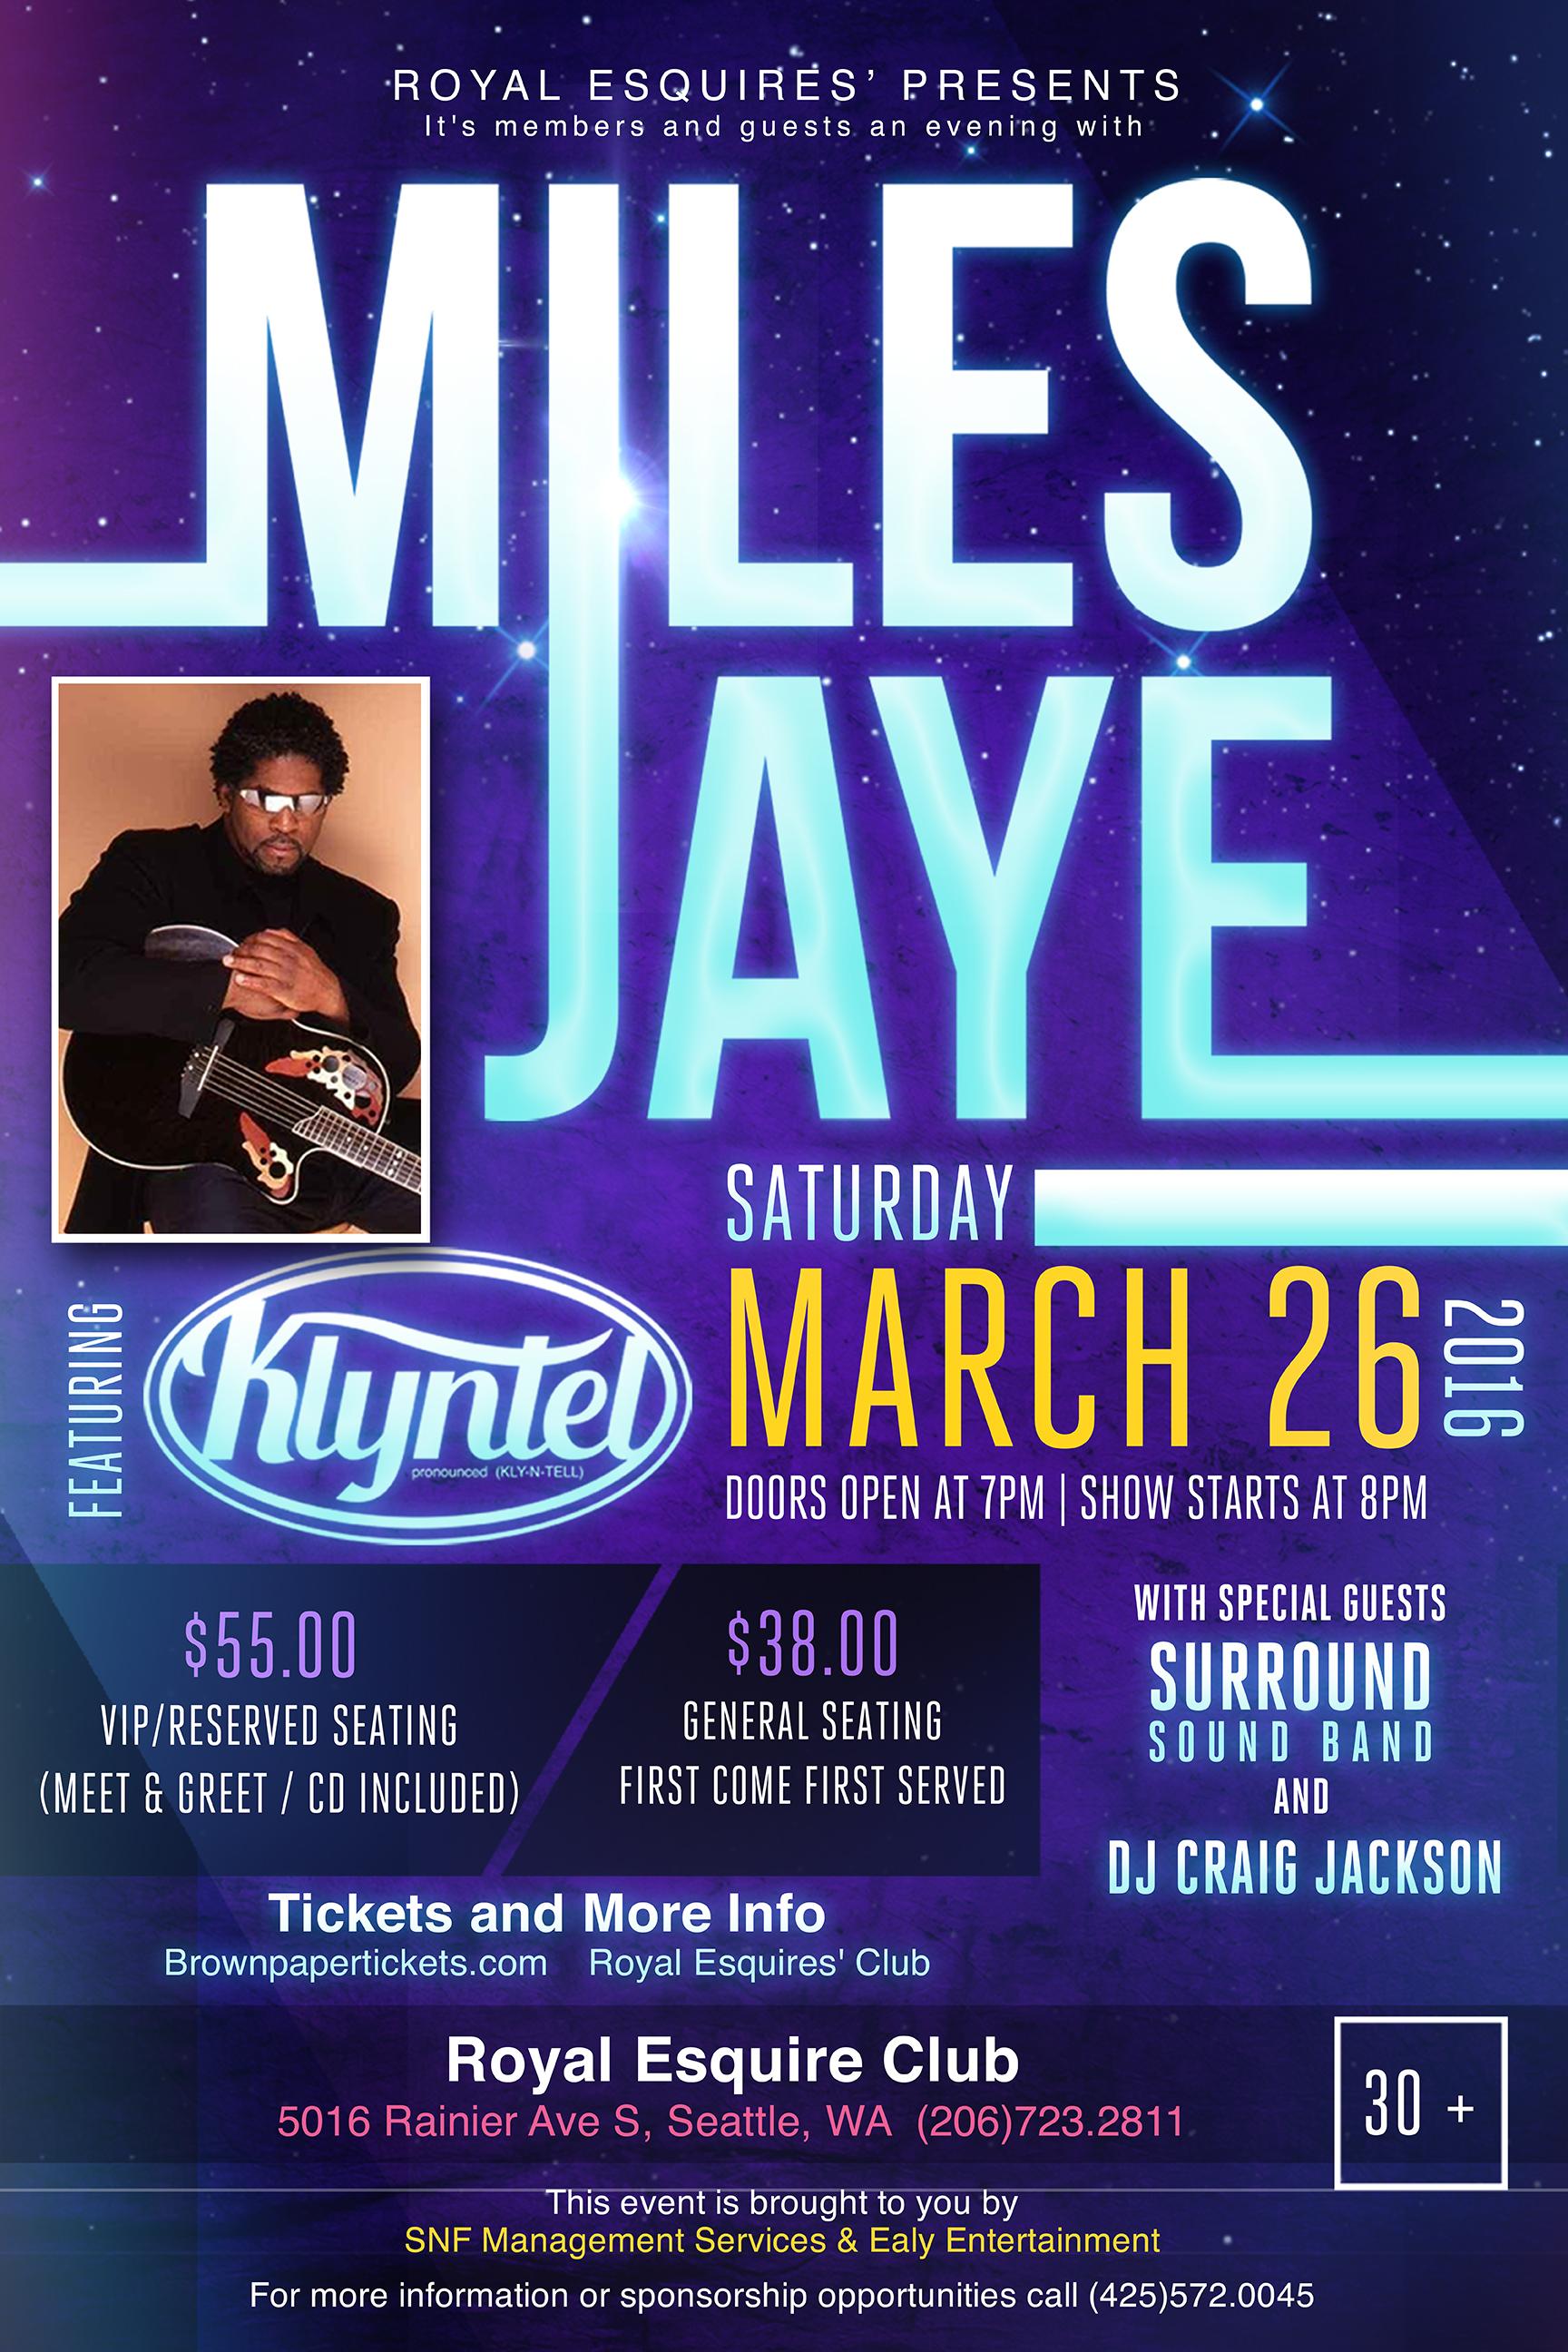 miles_jaye2_web